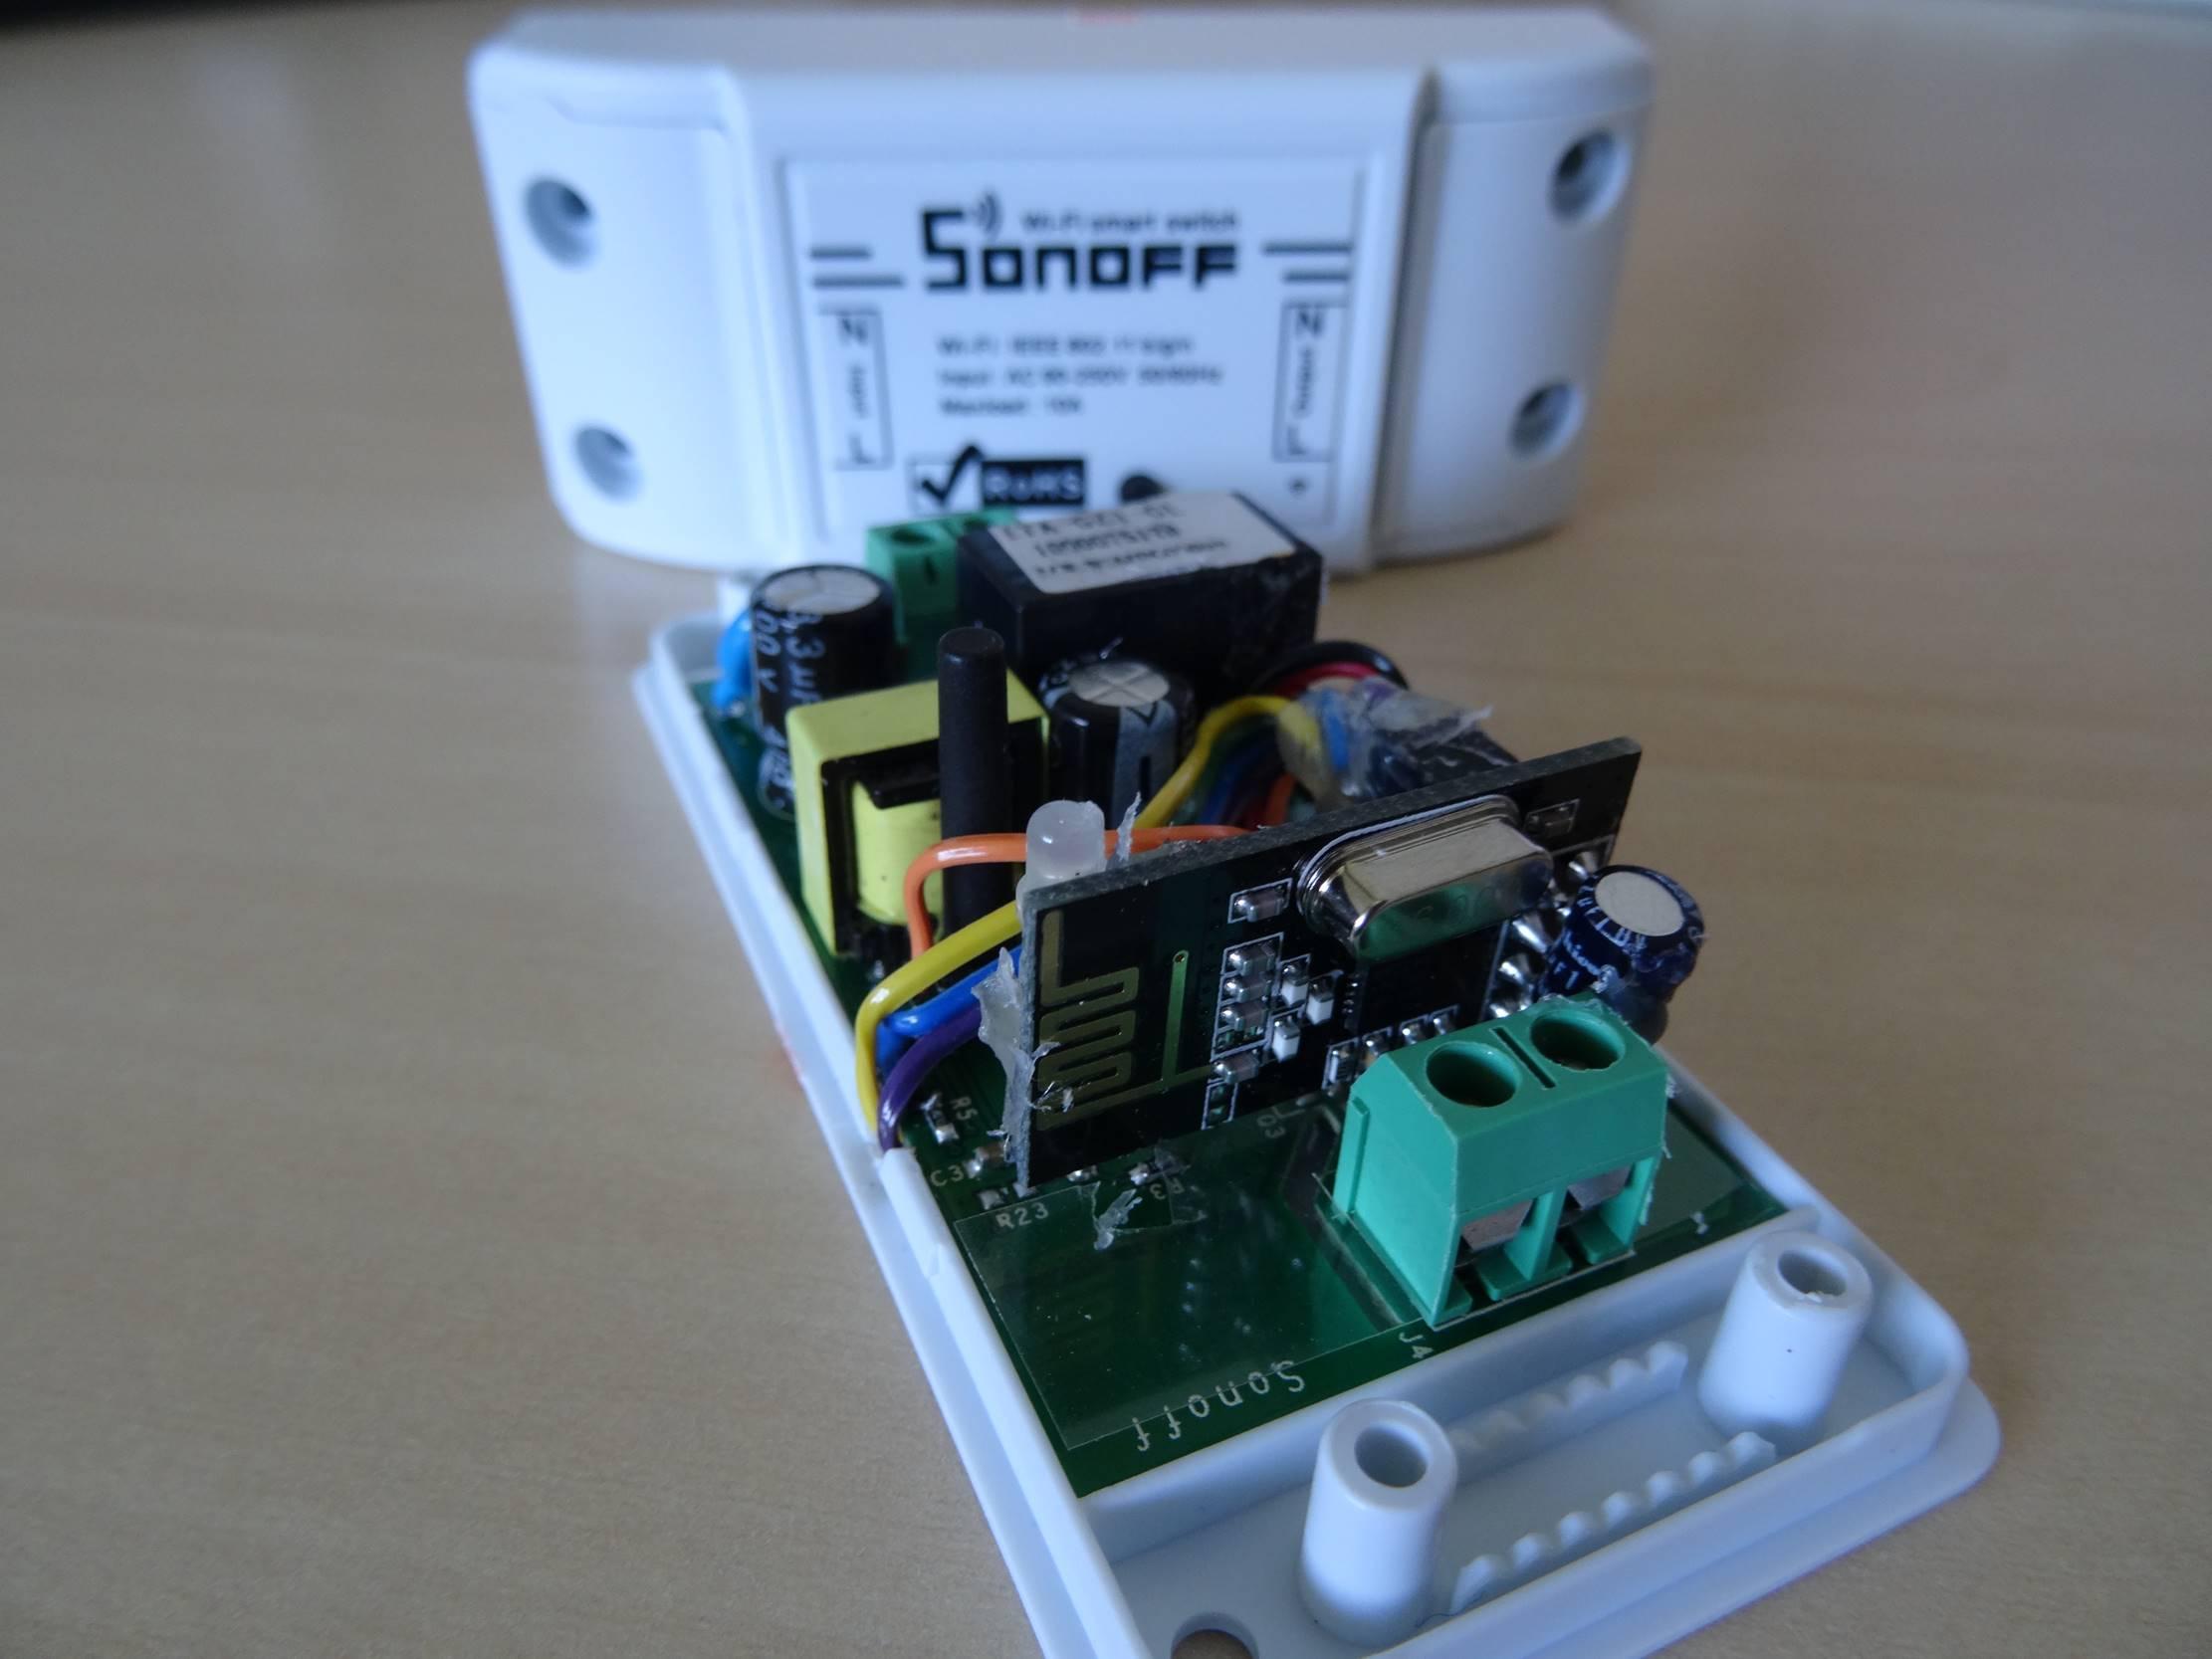 Sonoff Basic Wifi Gateway for NRF24 | MySensors Forum